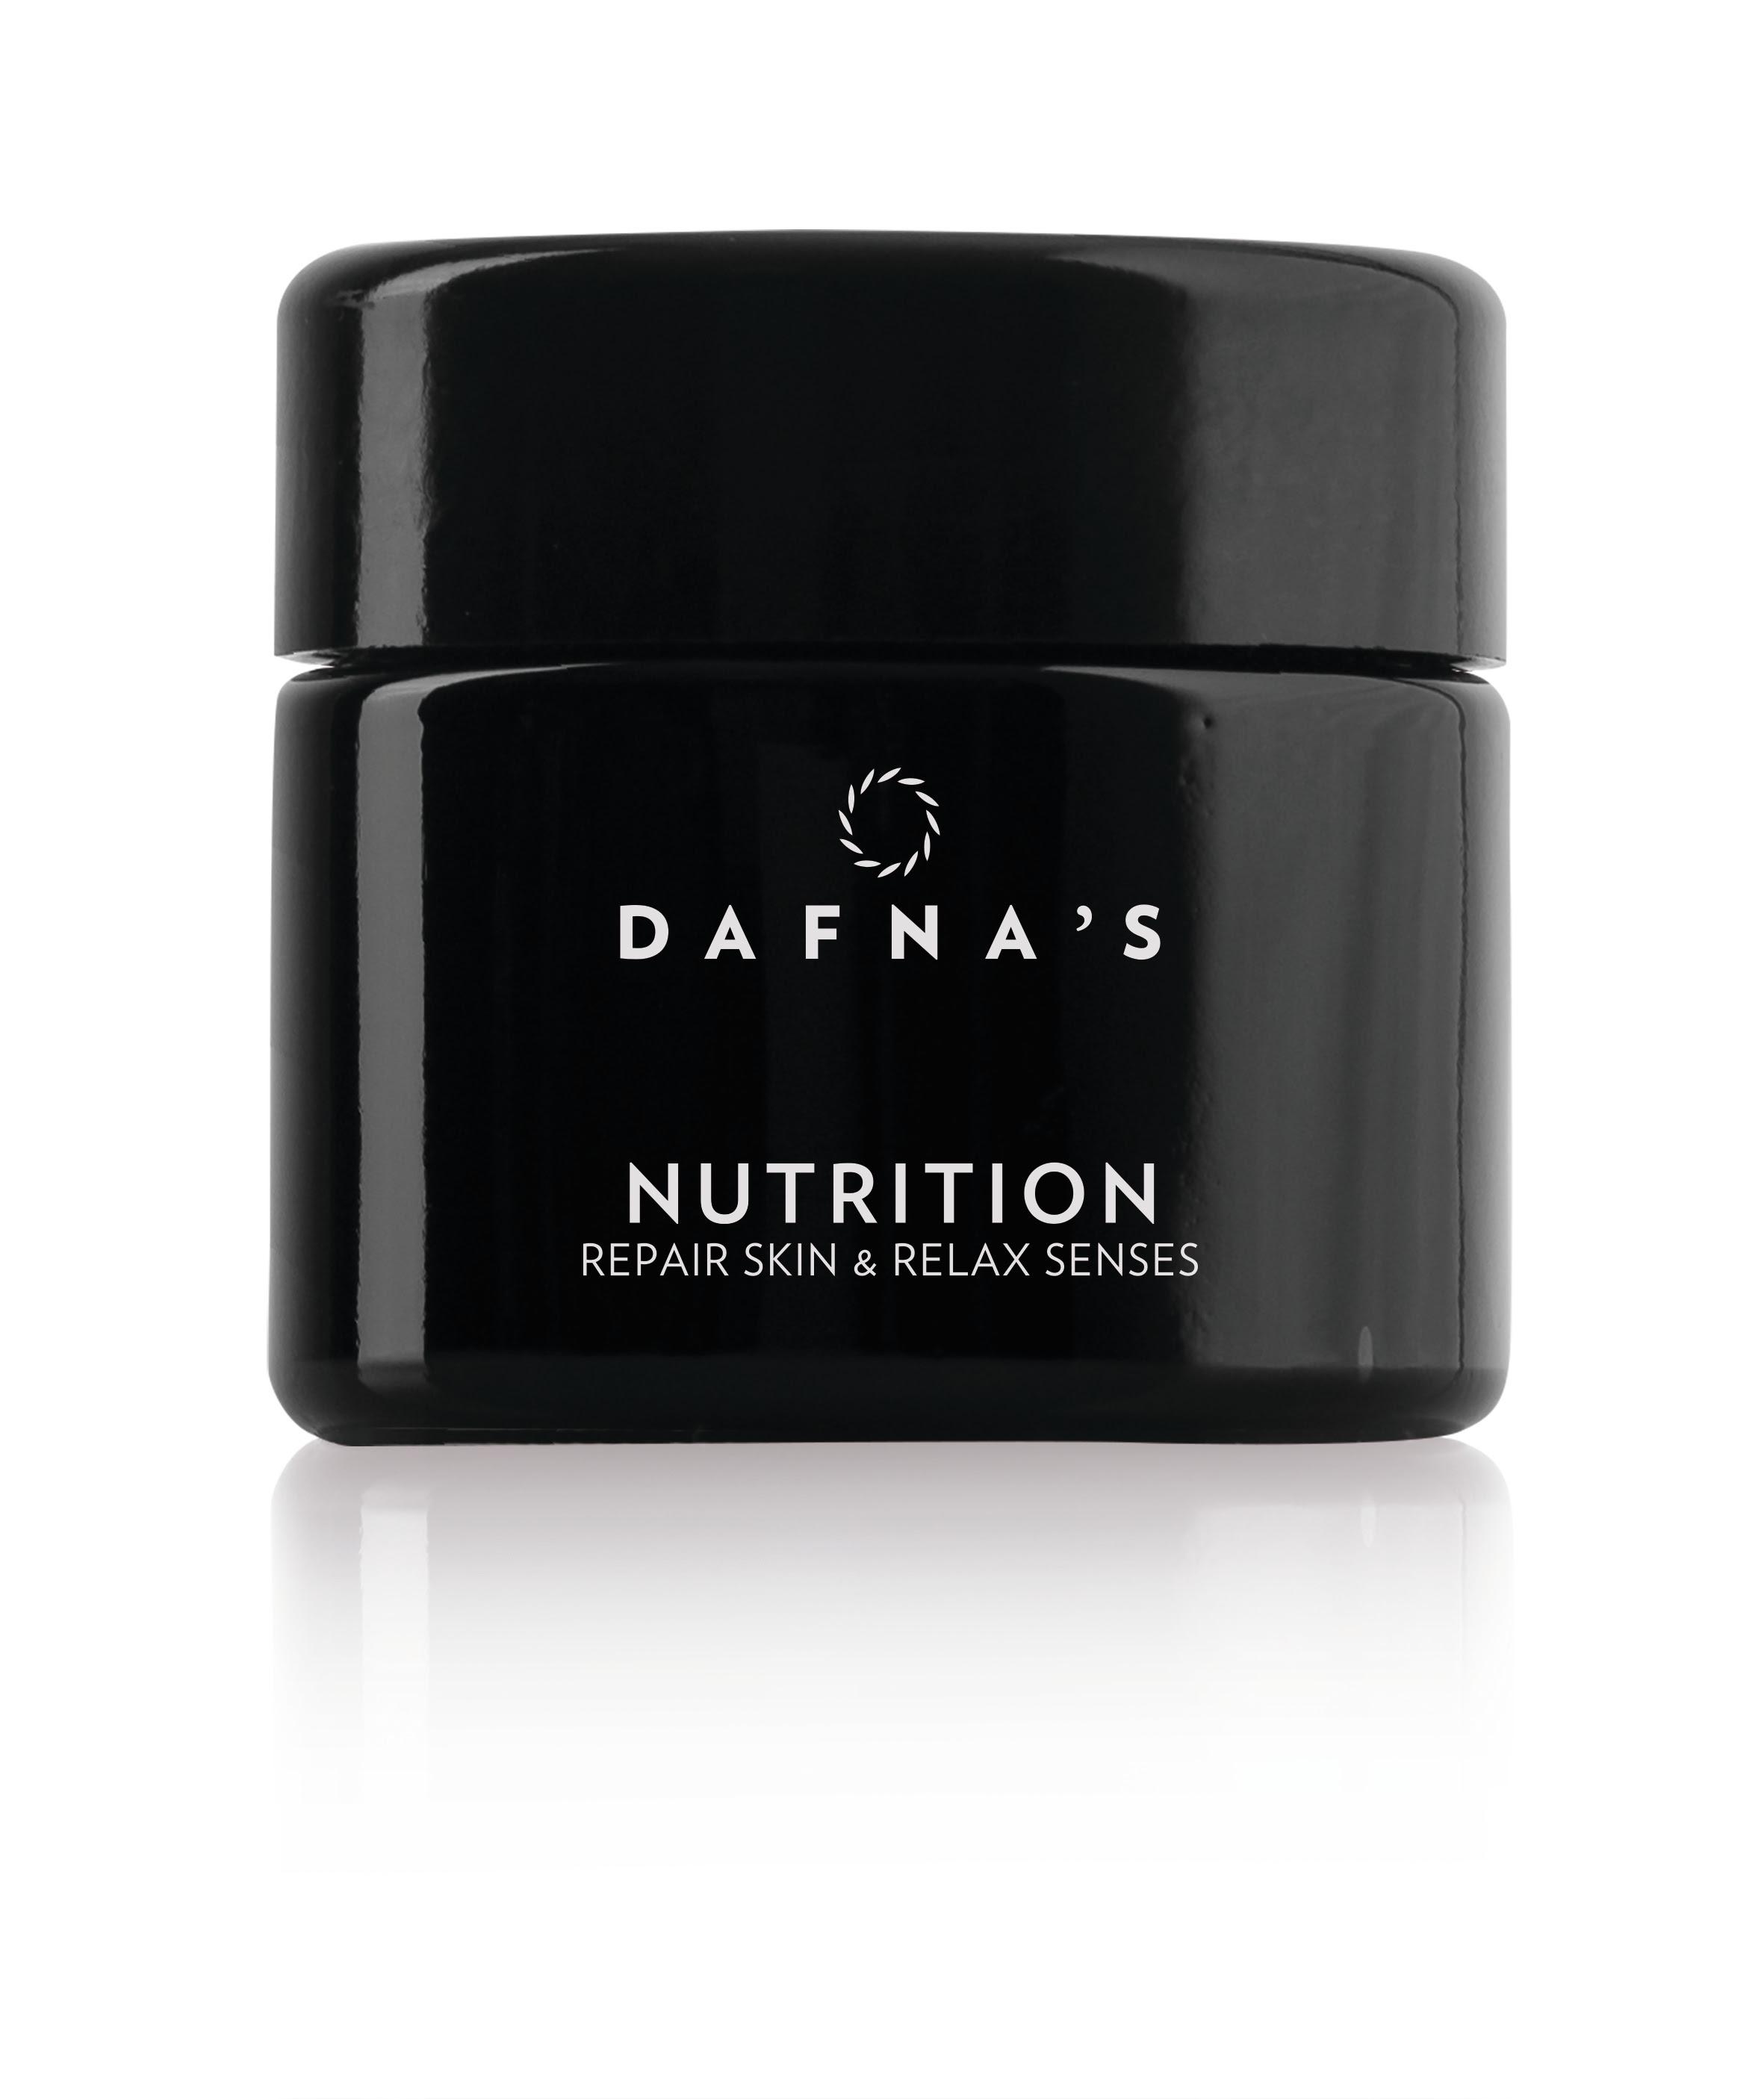 Dafnas nutrition